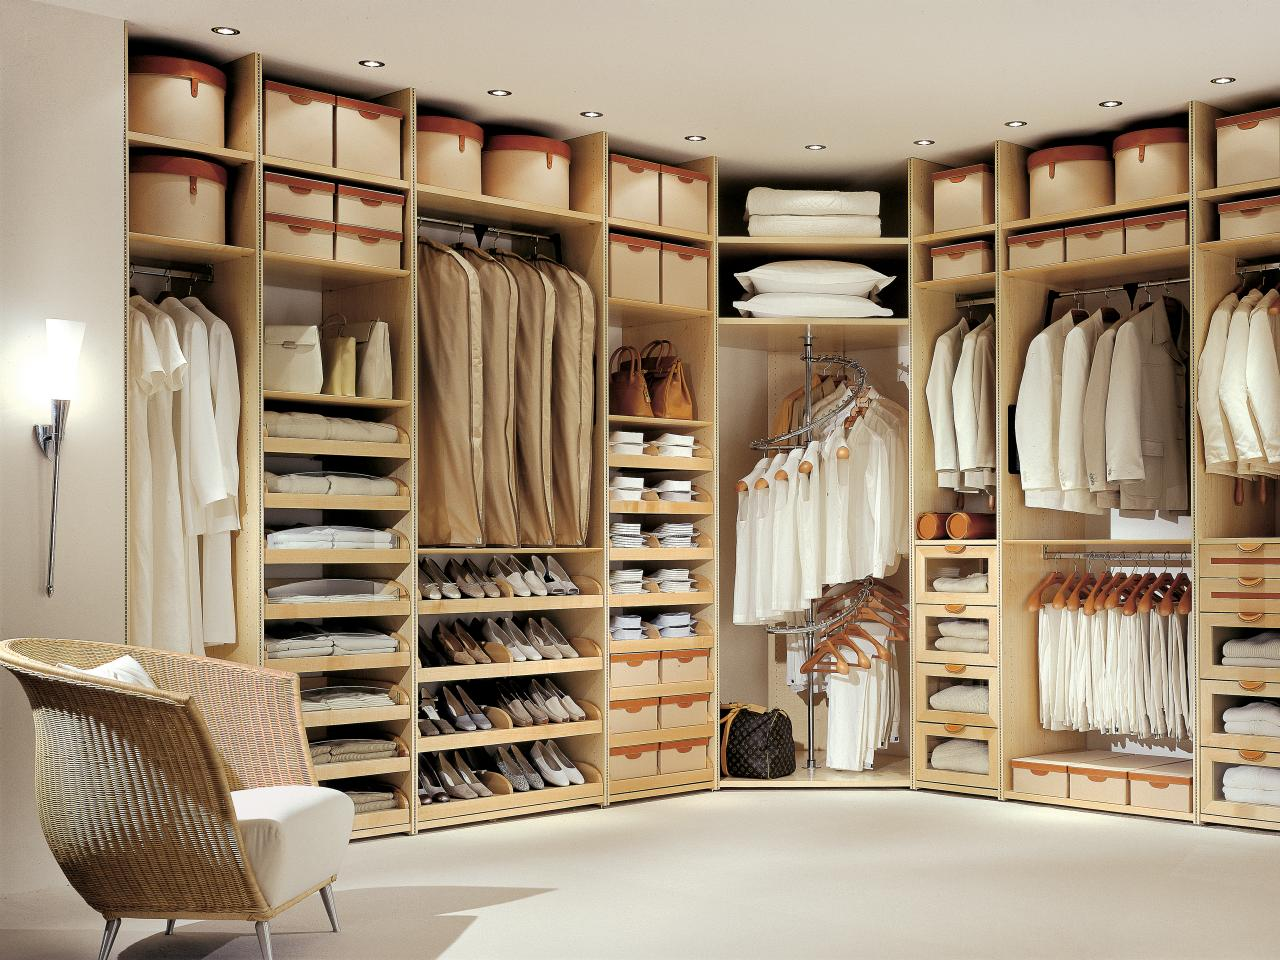 closet ideas timeless style EYNKIPX